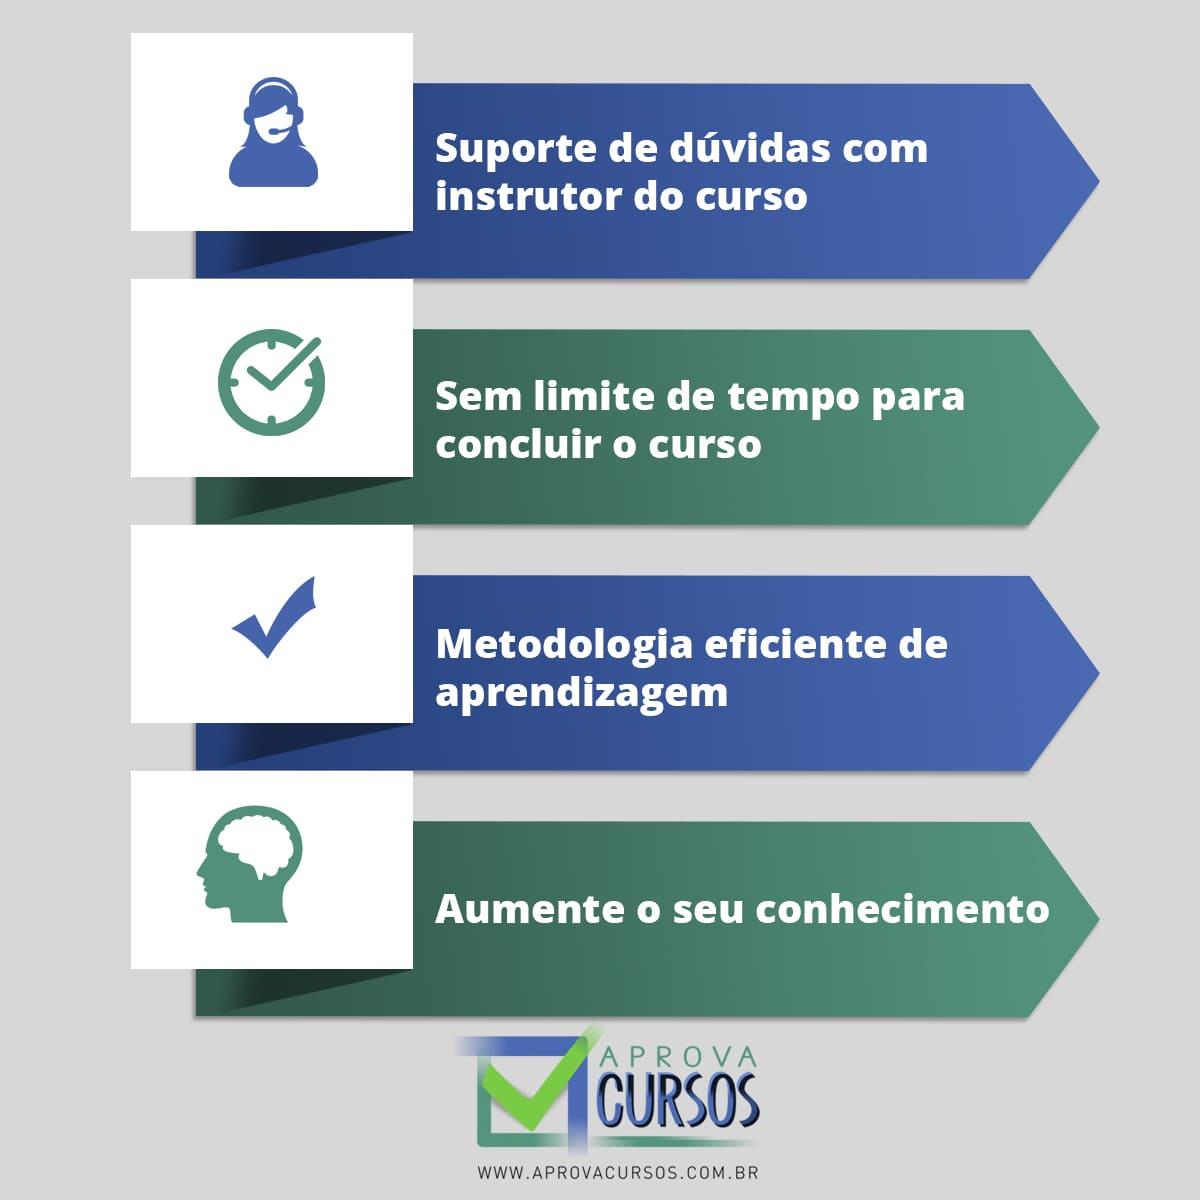 Curso Online de Drenagem Linfática Manual com Certificado  - Aprova Cursos